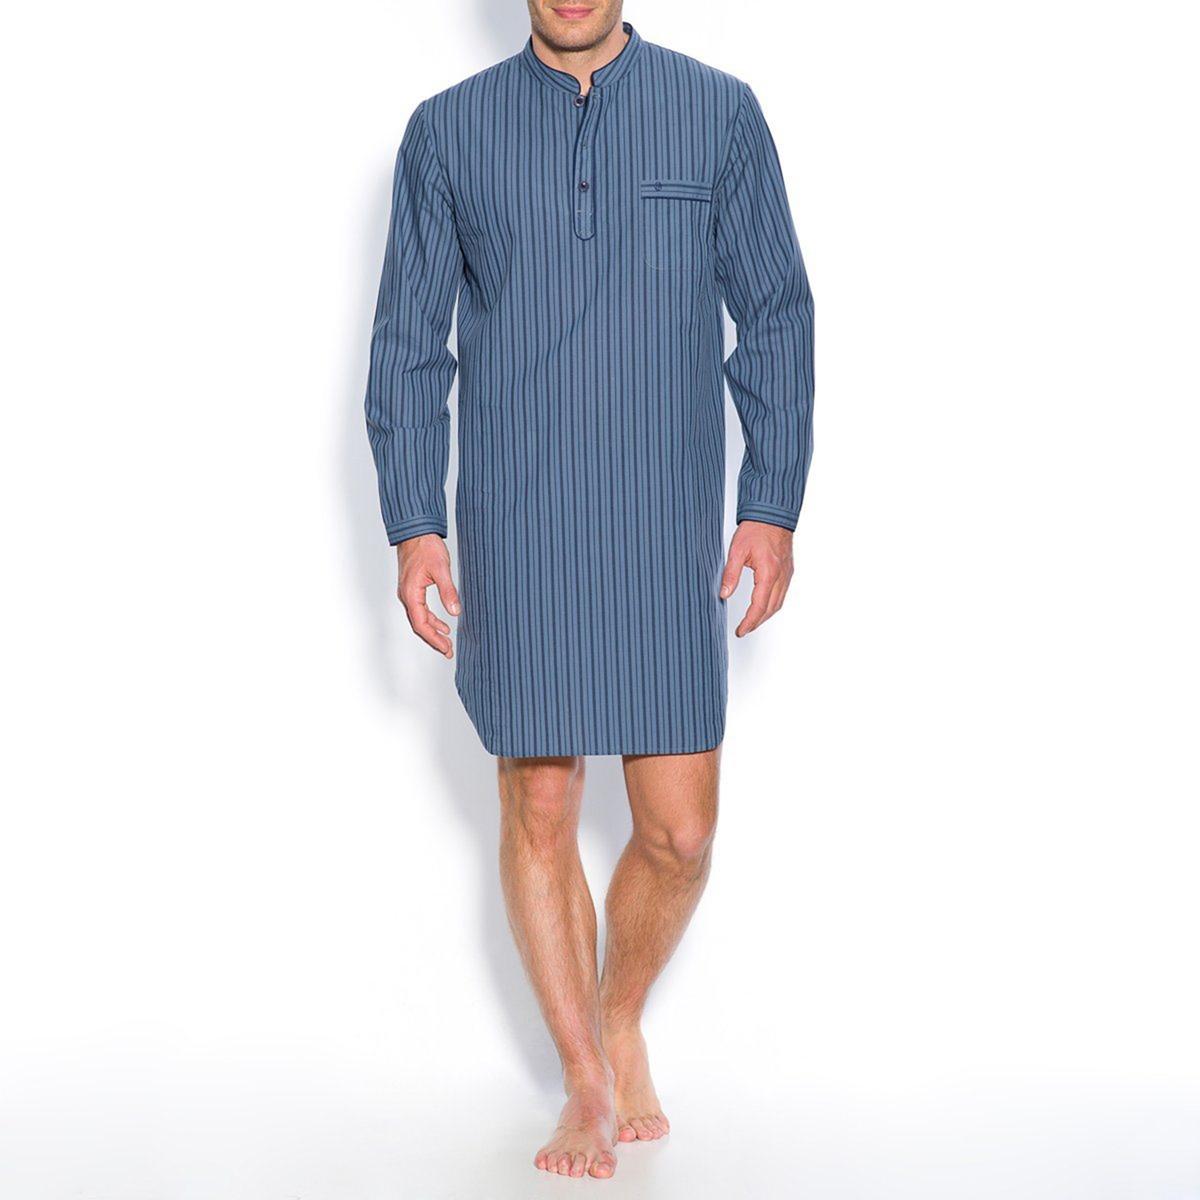 Пижама-рубашка в полоску из поплинаПижама-рубашка в полоску из поплина, 100% хлопок с окрашенными волокнами. Длинные рукава. Воротник-стойка с застежкой на 3 пуговицы. 1 нагрудный карман с вышивкой. Длина 100 см.<br><br>Цвет: синий в полоску,шамбрэ<br>Размер: M.3XL